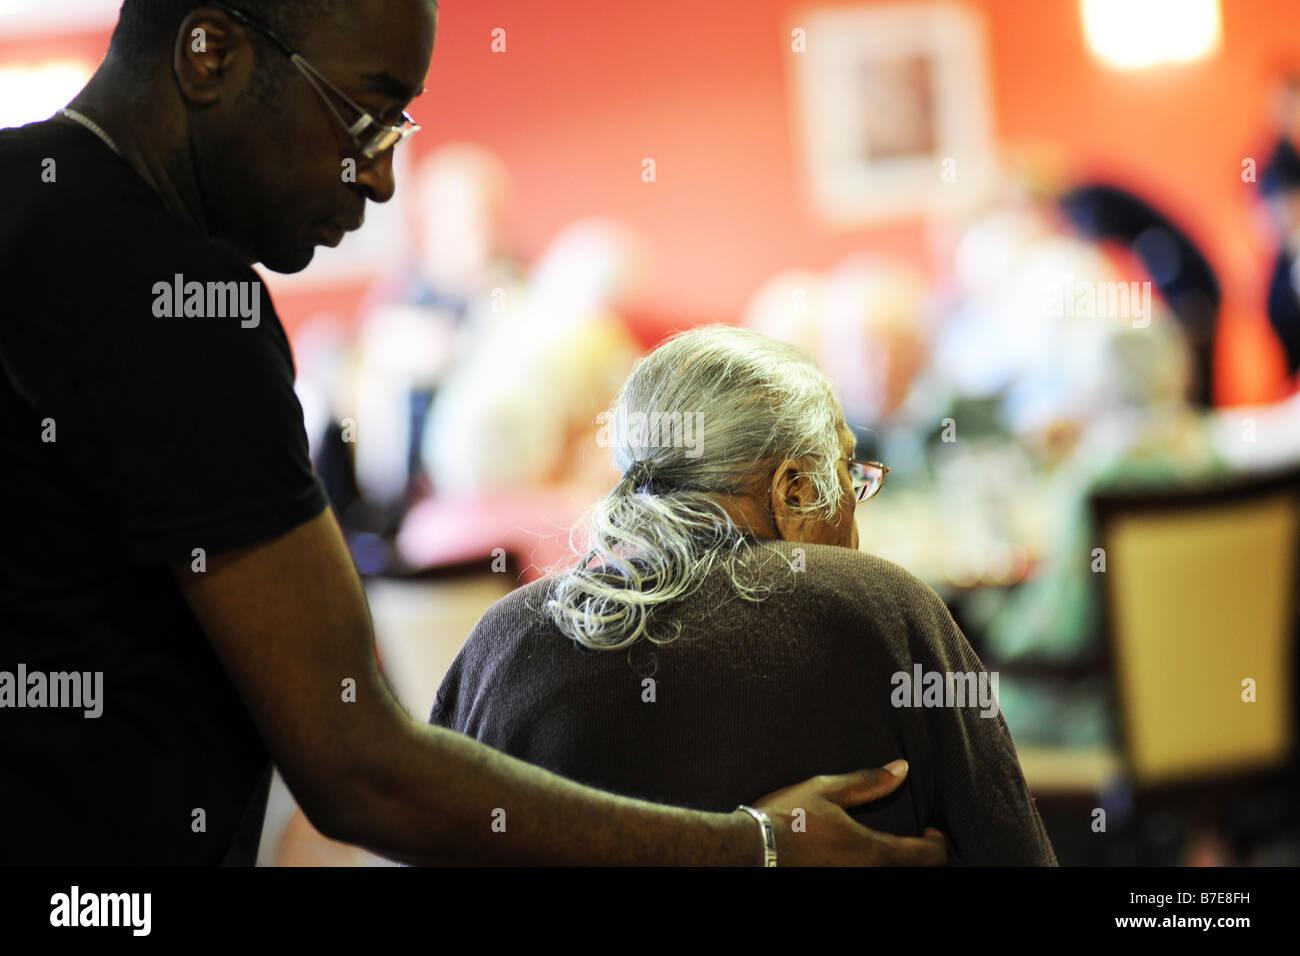 Une vieille dame Sikh est aidé à sa chaise dans un contexte multiculturel de soin supplémentaire Photo Stock